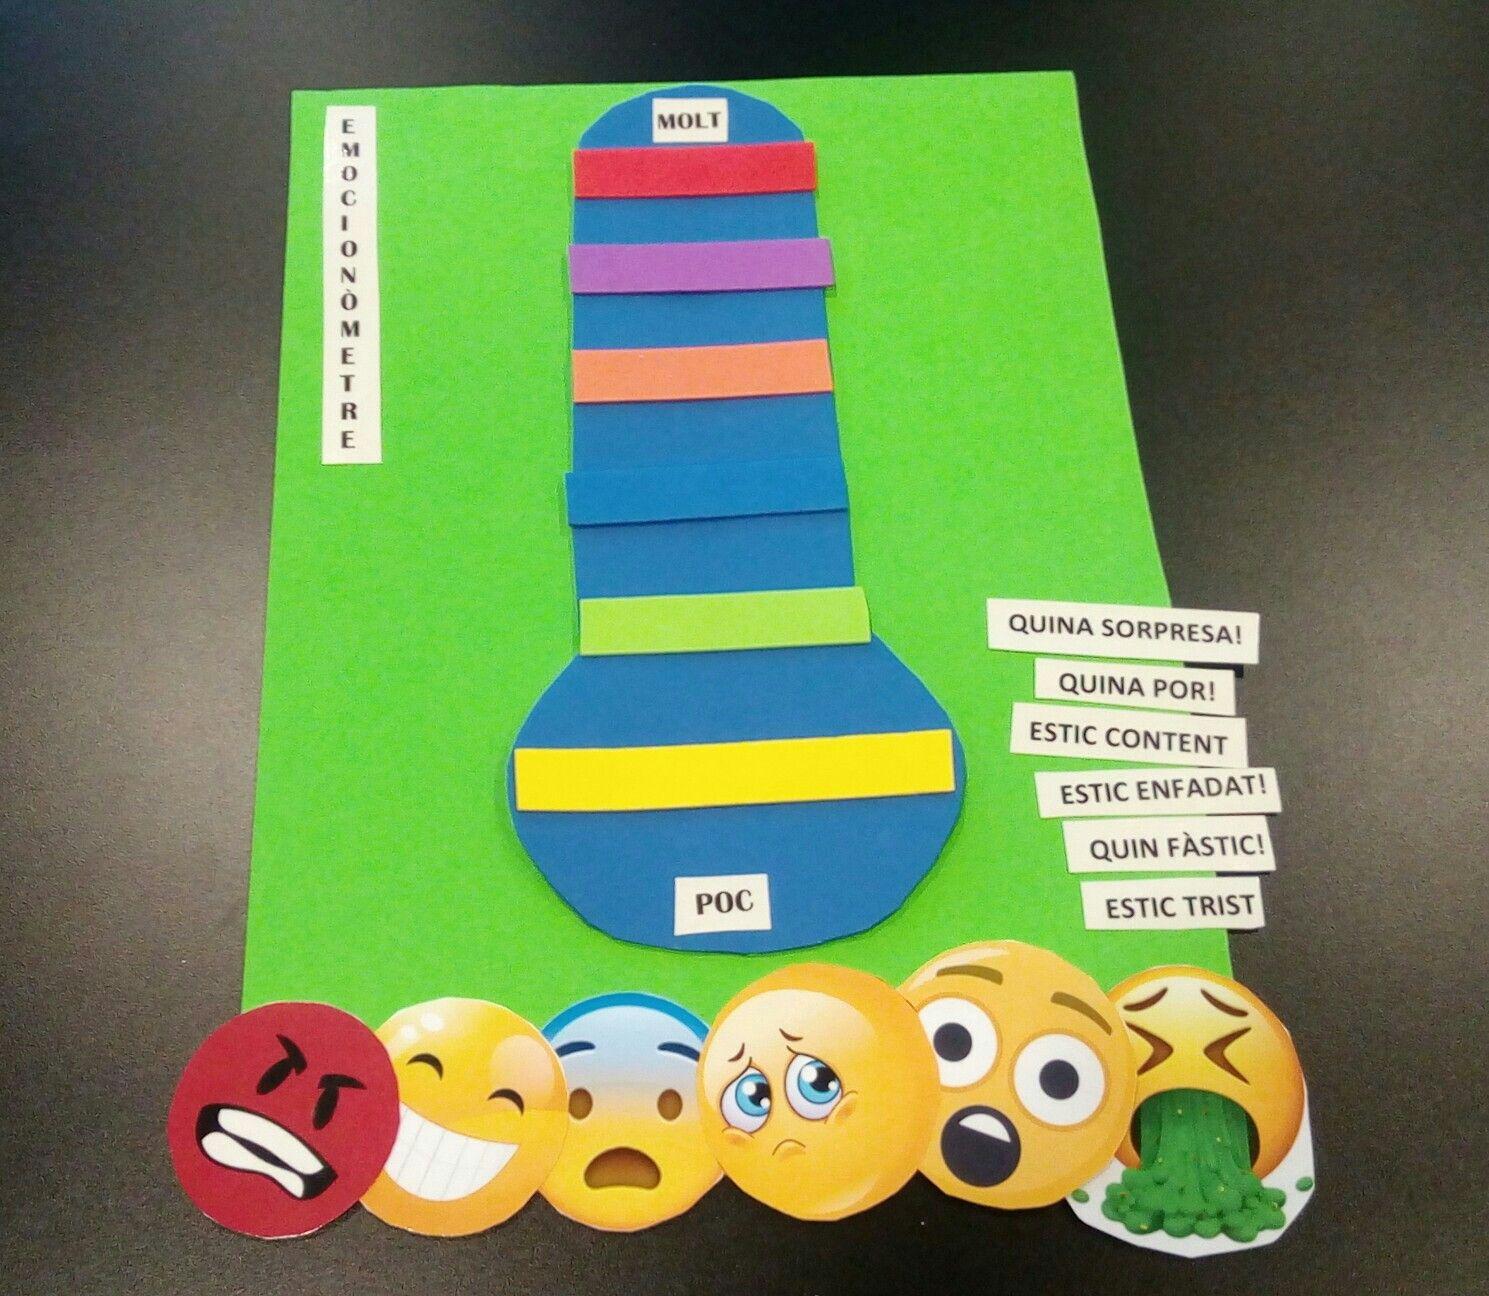 Emocionometro Representar Las Emociones A Modo De Termometro Kindergarten Gaming Logos Logos El termómetro de las 12, el cual se. las emociones